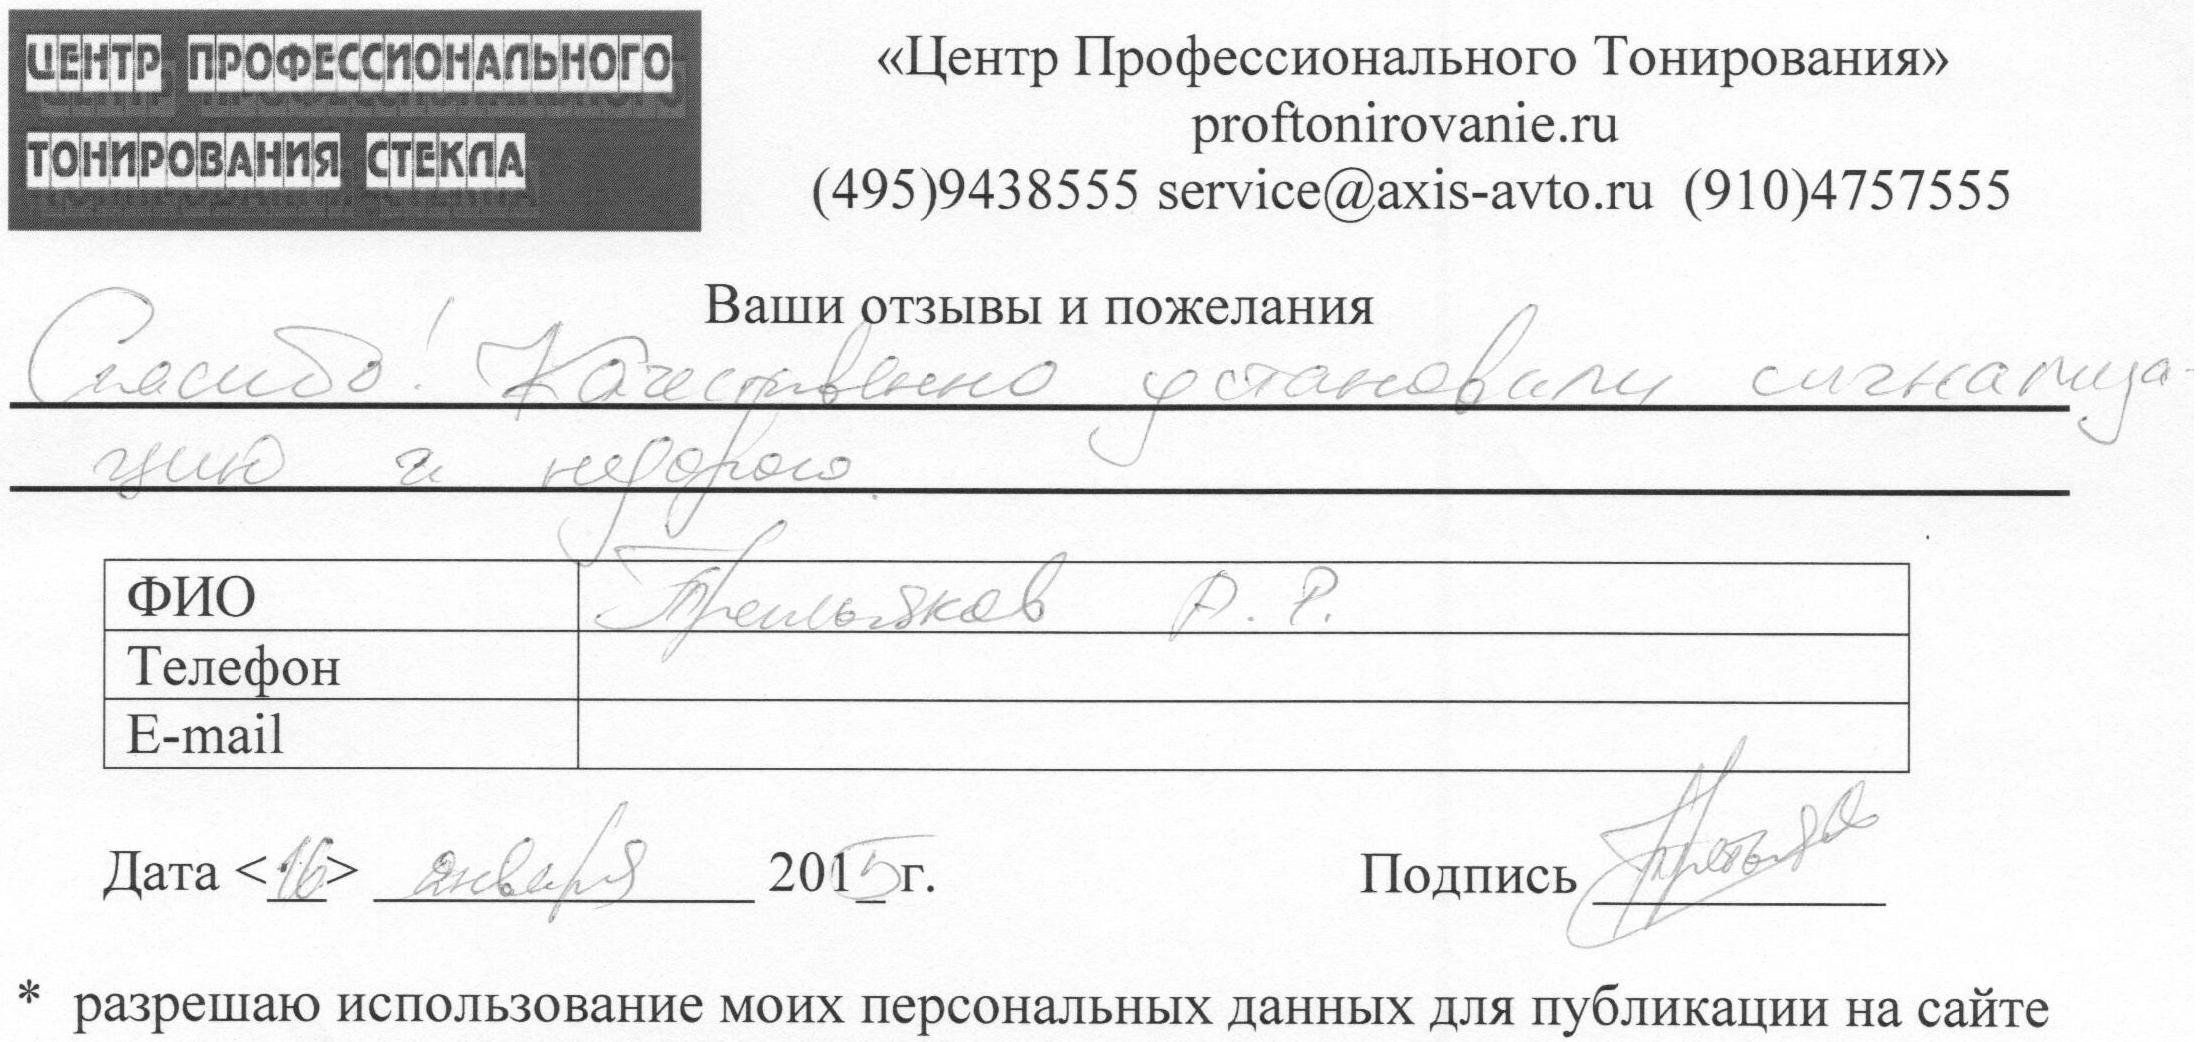 Отзывы из автосервиса_17